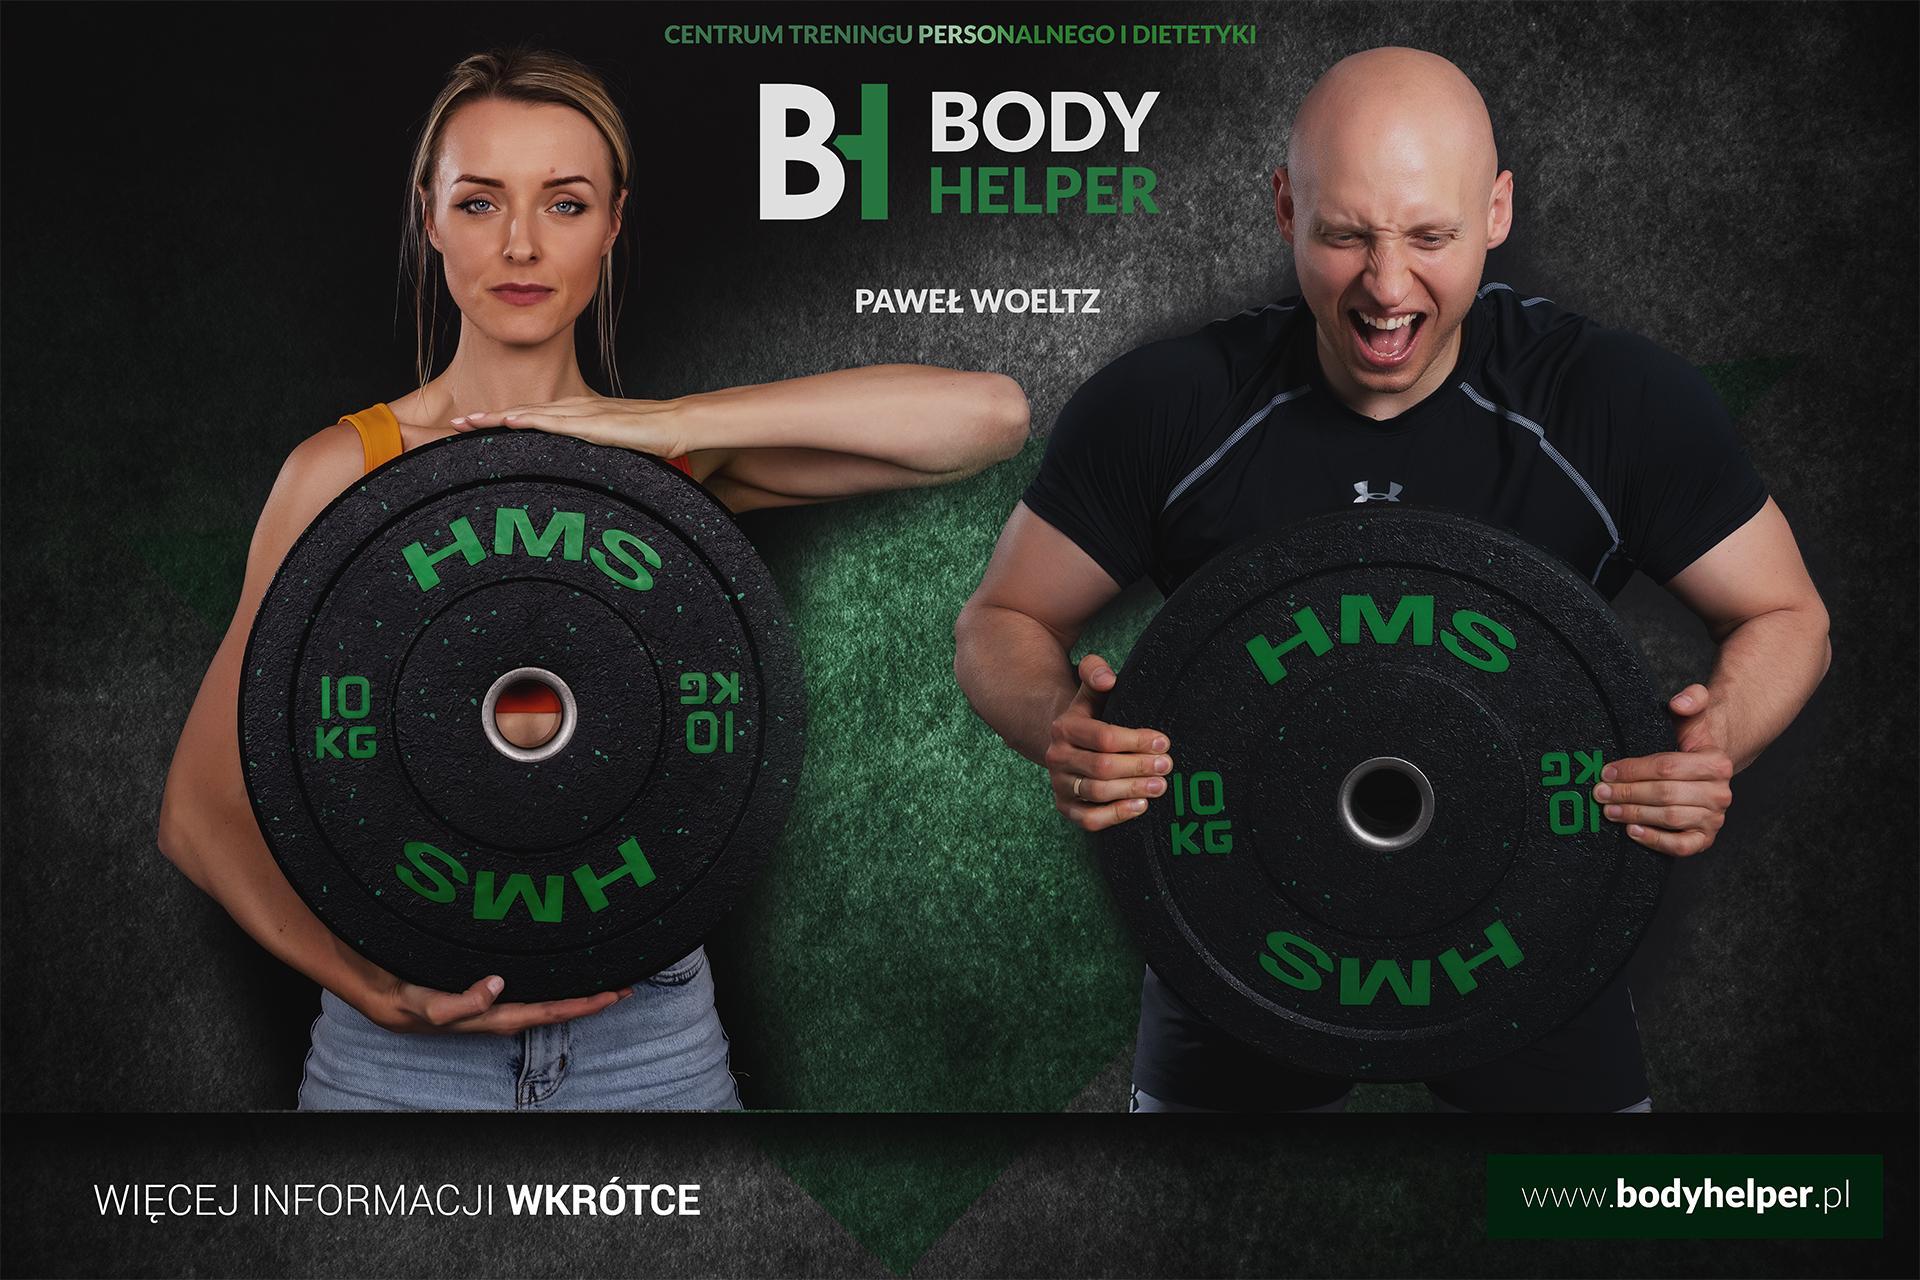 BodyHelper - Paweł Woeltz